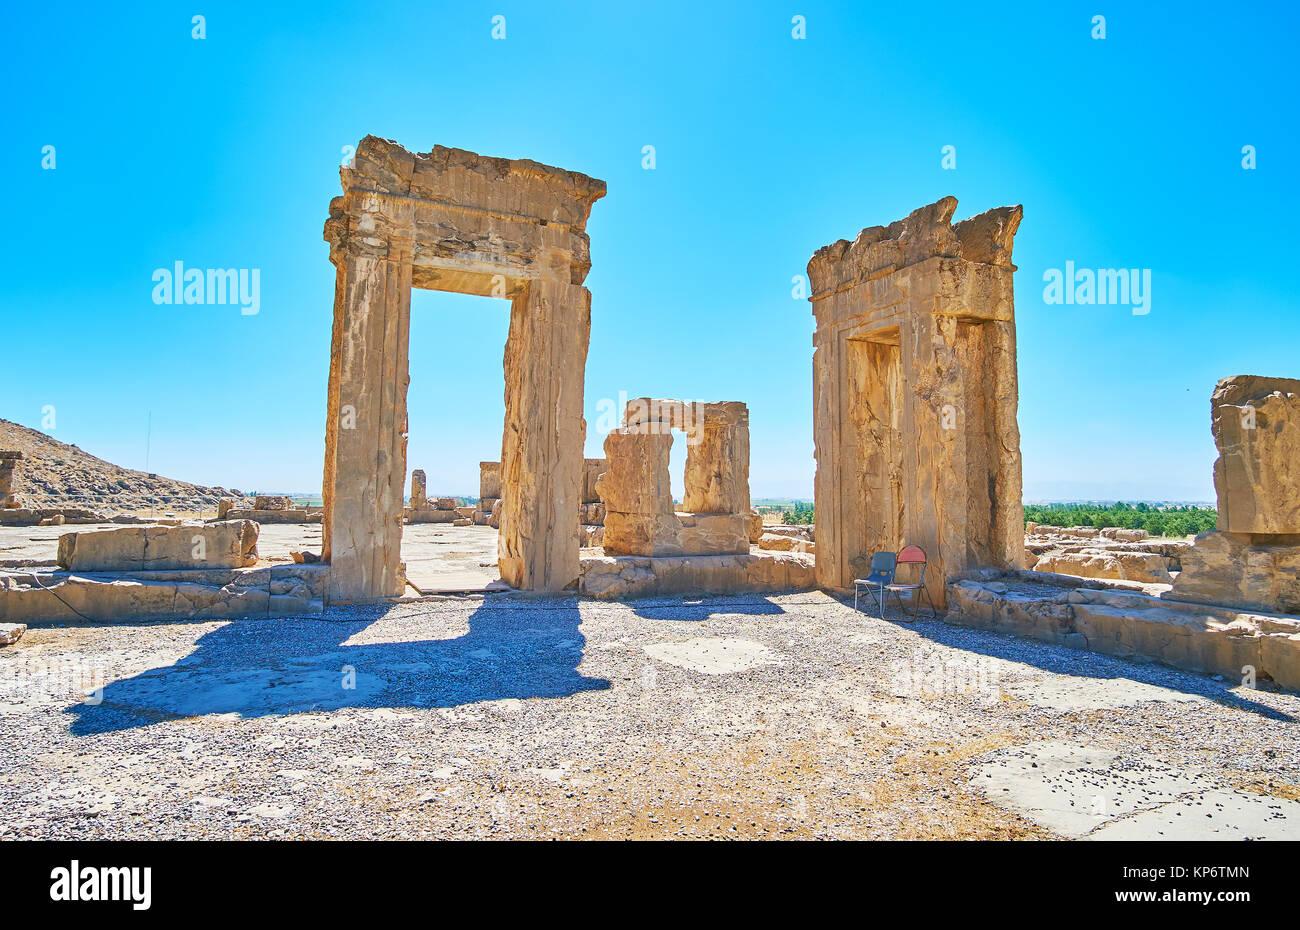 Las ruinas de Tripylon, antigua sala del Concejo del rey persa, sitio arqueológico de Persépolis, Irán. Imagen De Stock